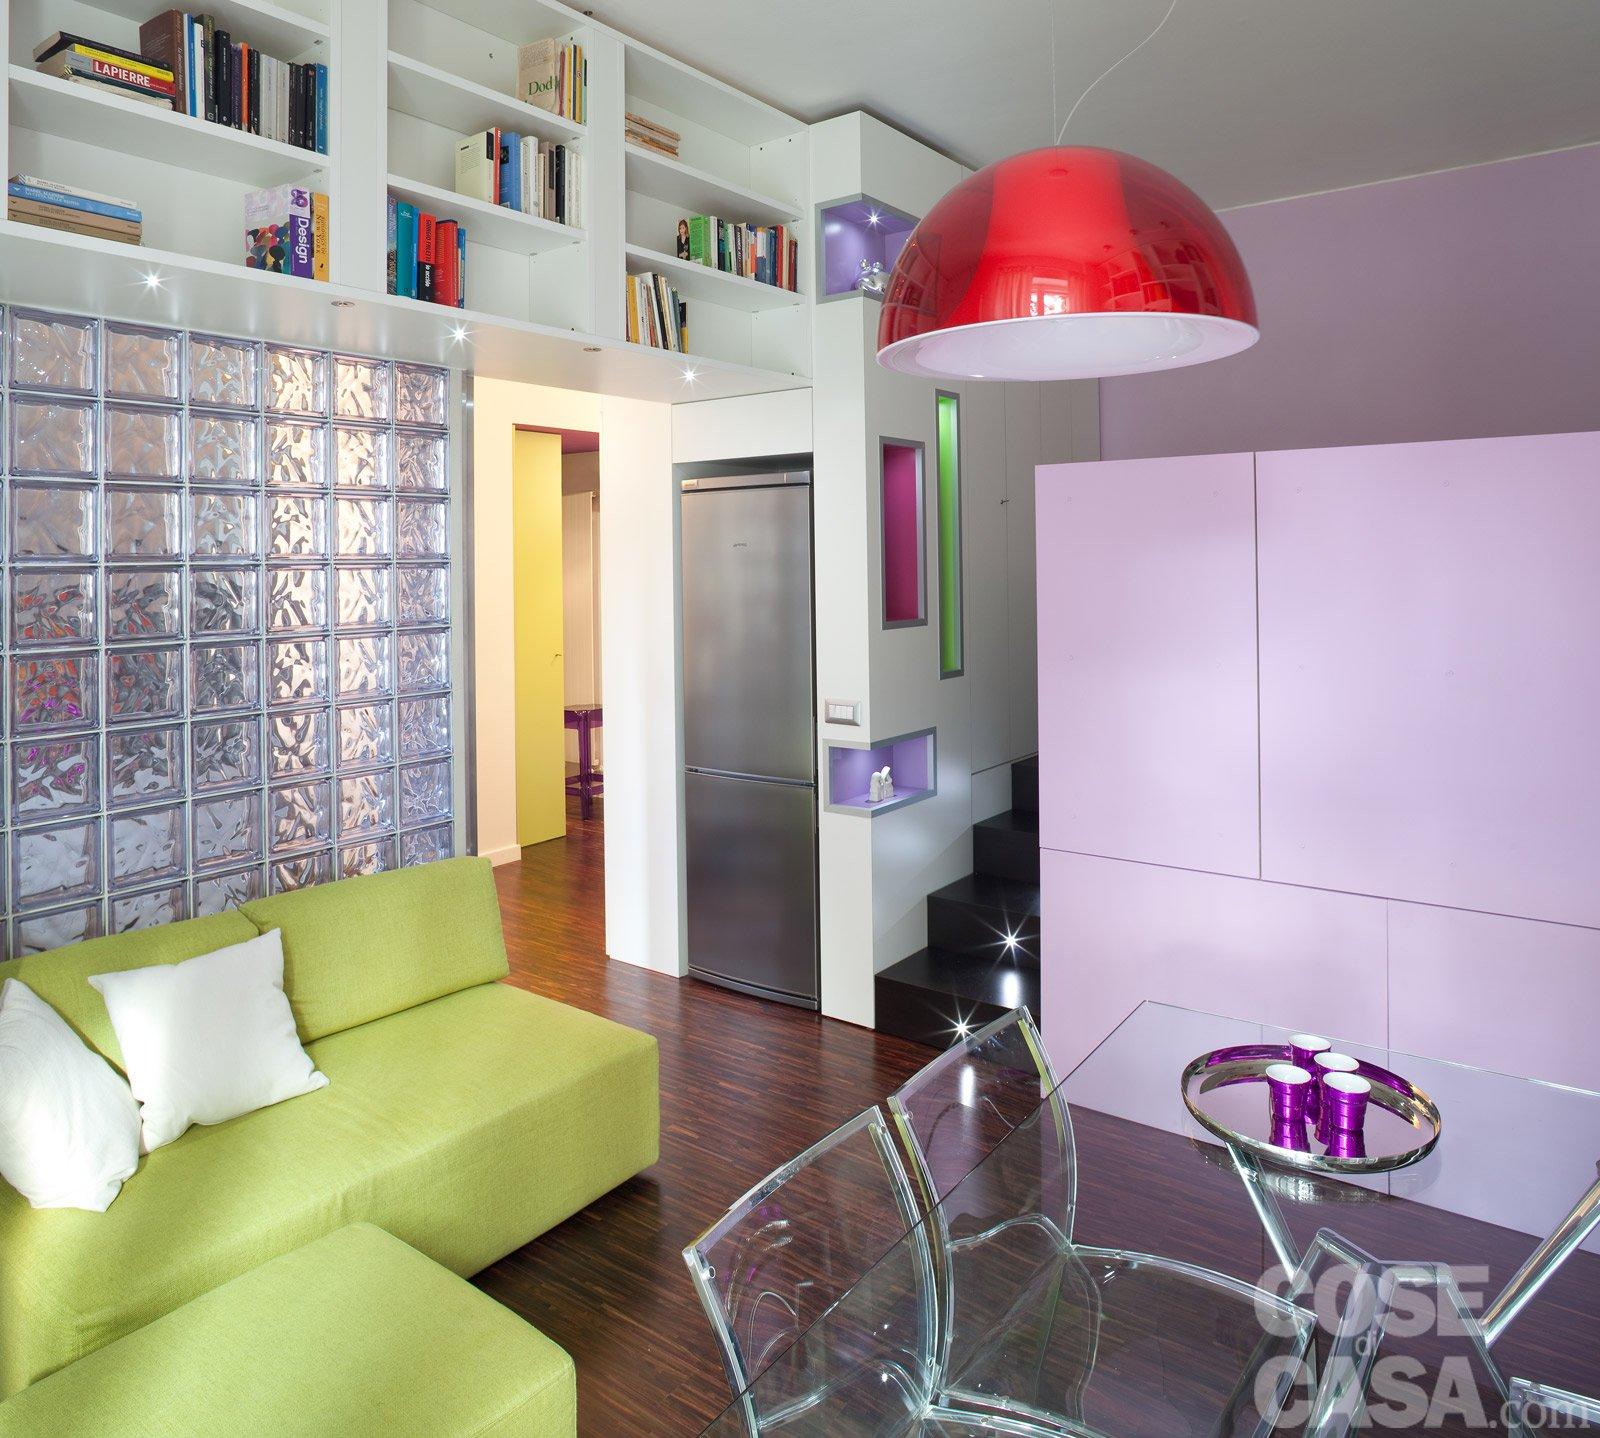 Una casa di 40 mq: monolocale con cucina separata - Cose di Casa